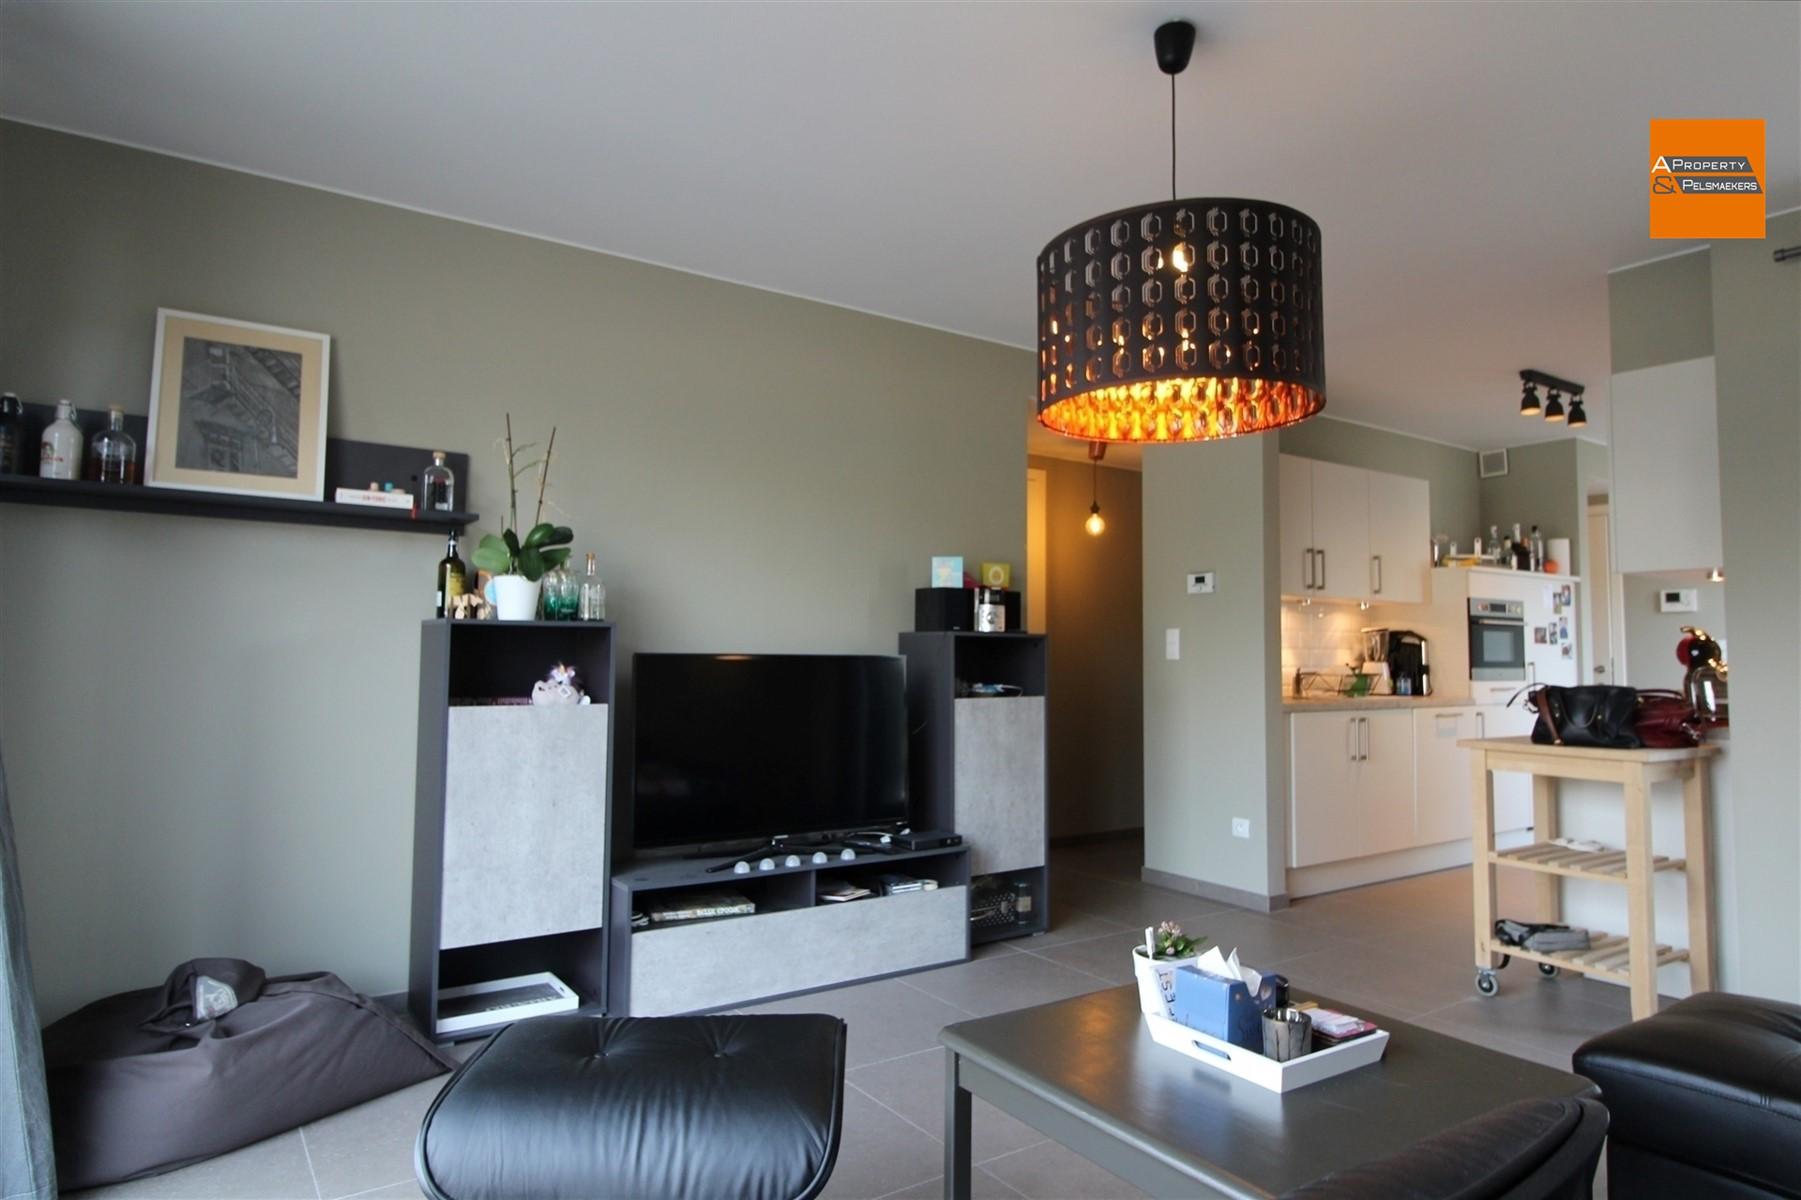 Foto 3 : Appartement in 3070 Kortenberg (België) - Prijs € 319.000